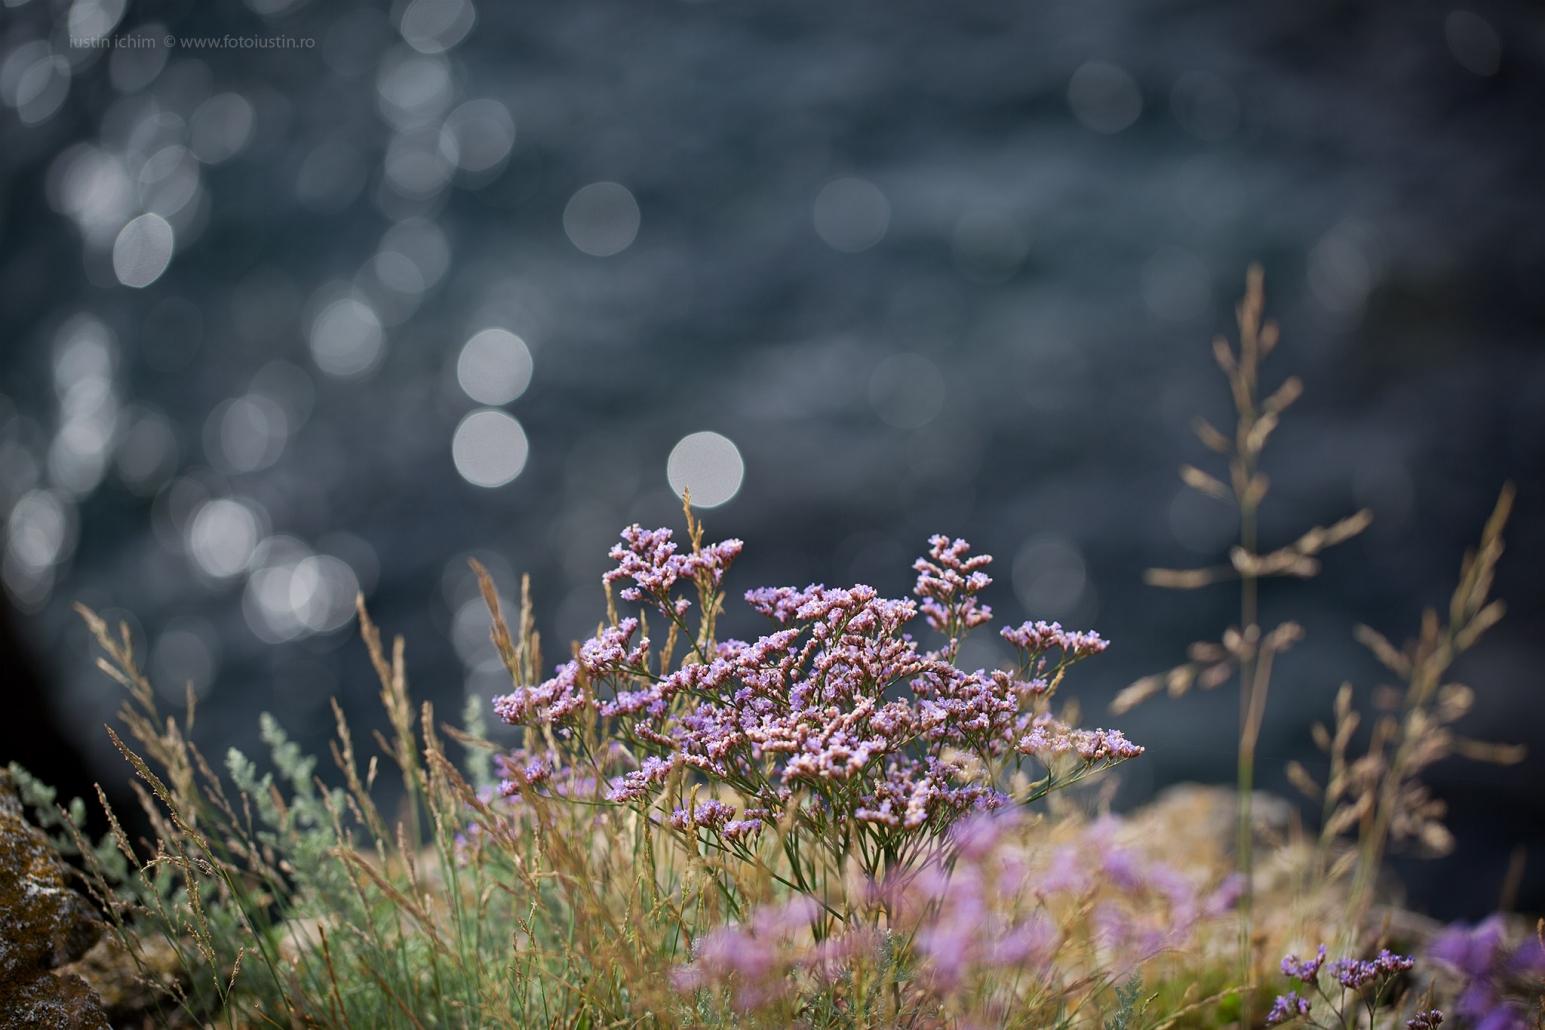 Flori sălbatice la malul Mării Negre